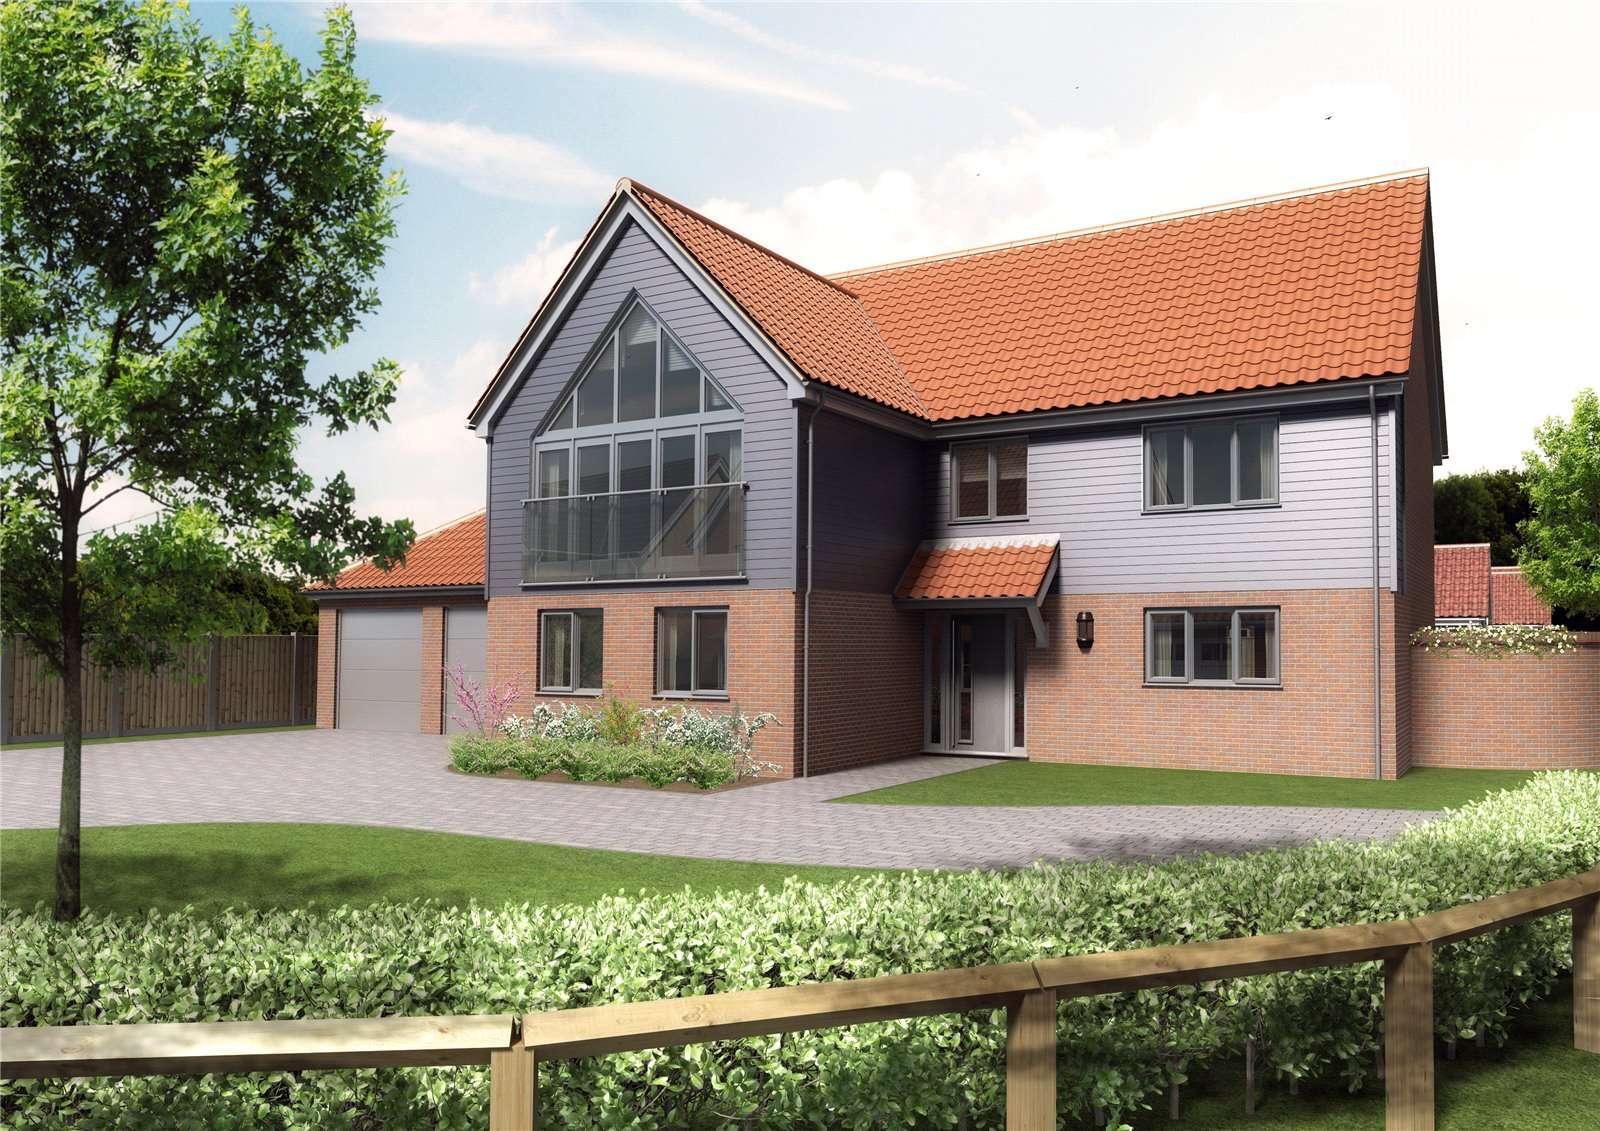 Savills | Properties for sale in Lowestoft, Suffolk